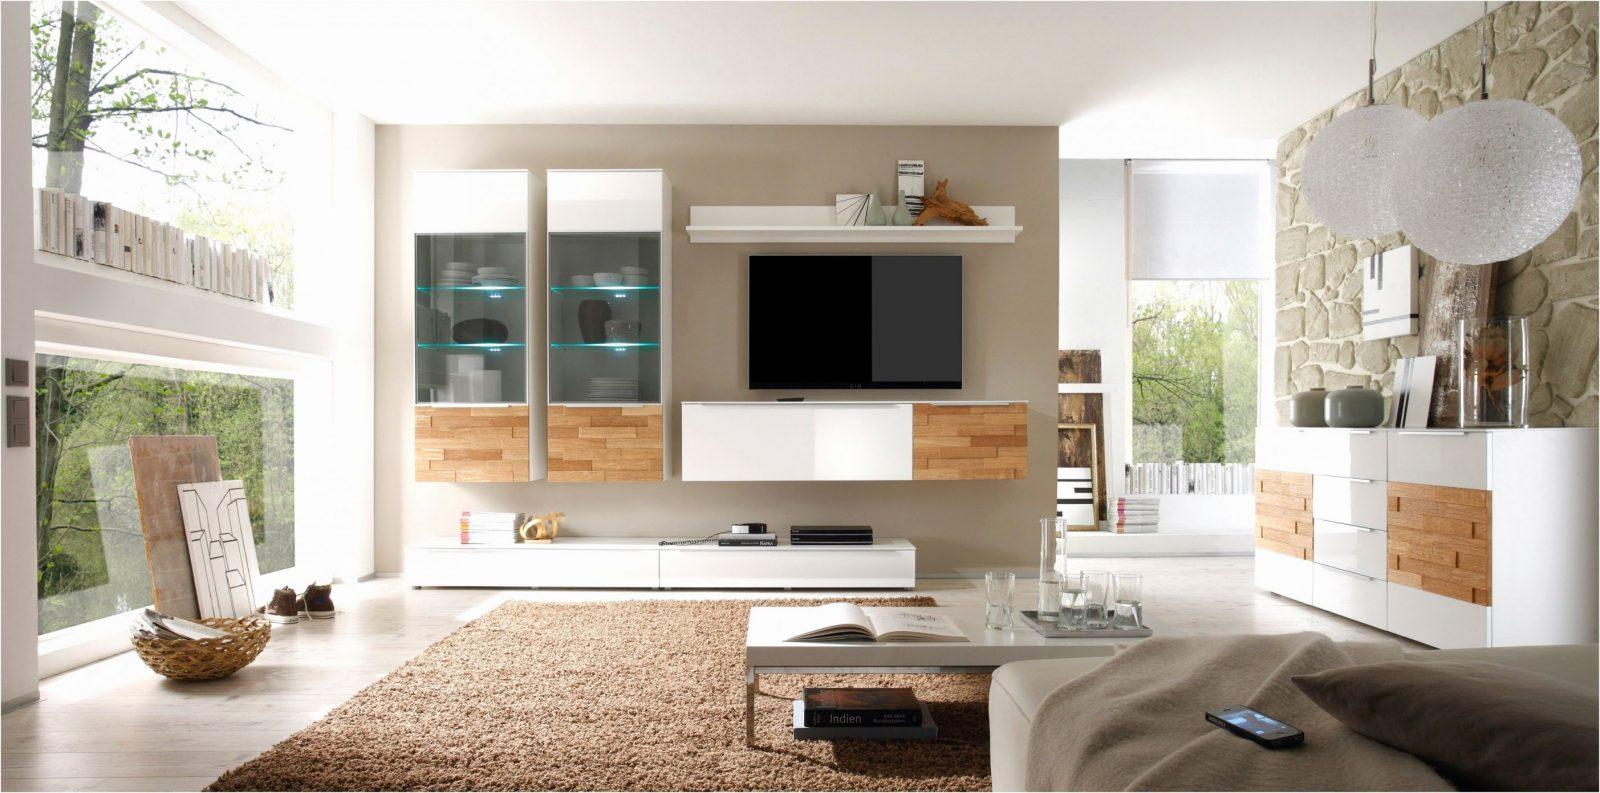 17 Weiße Möbel Welche Wandfarbe Inspirierend  Lqaff von Wandfarbe Zu Weißen Möbeln Photo